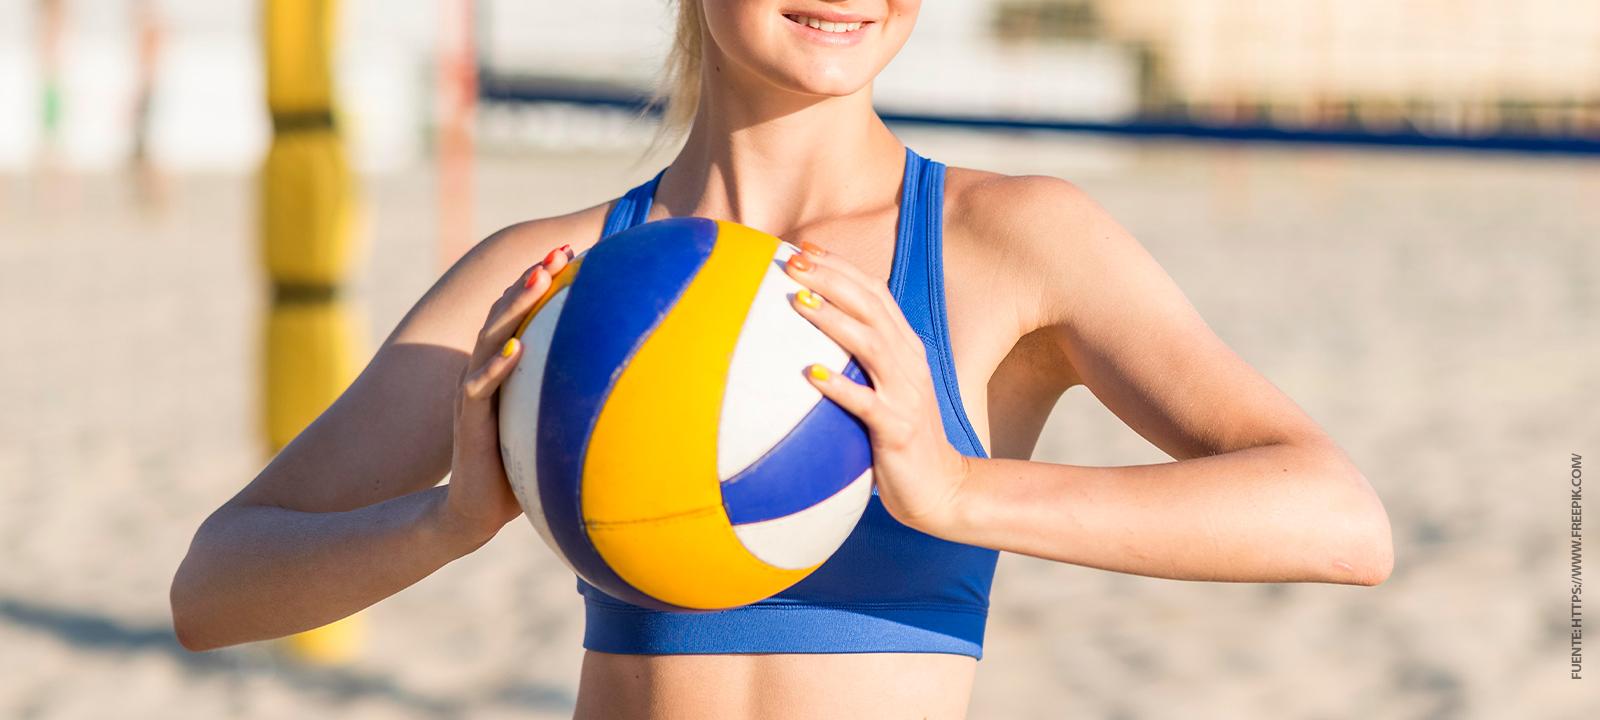 voleibol femenino | Uniandes